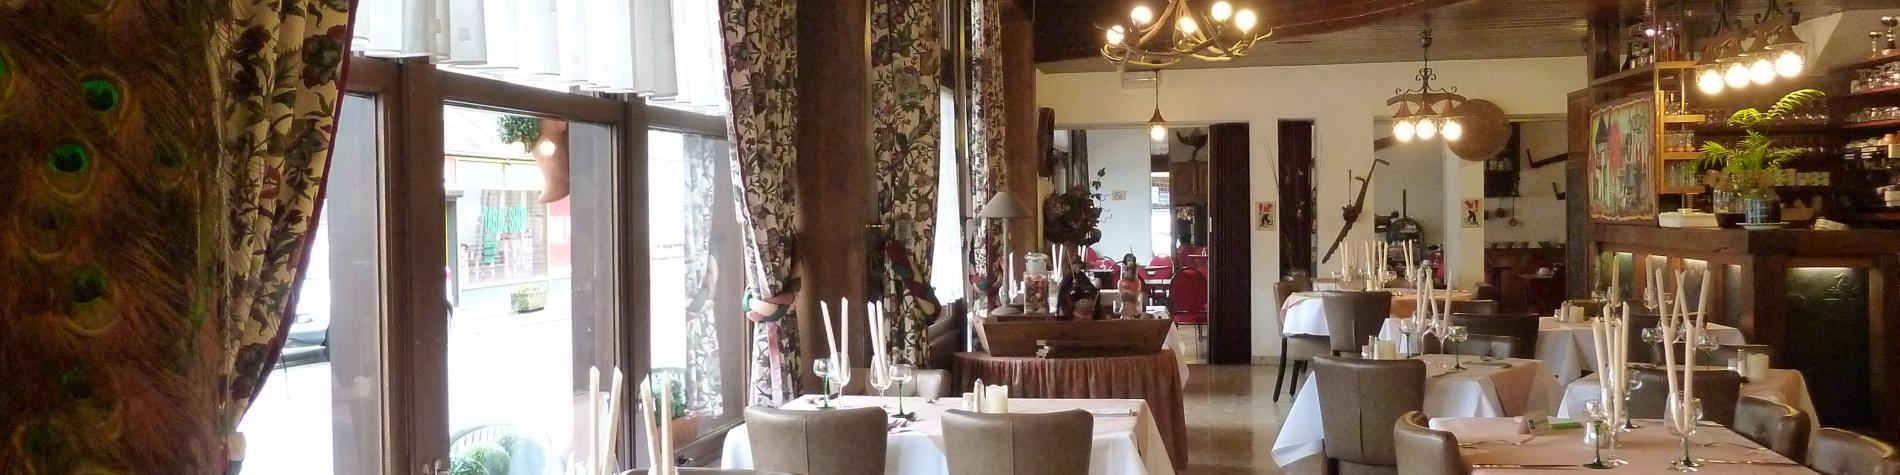 Hôtel - Restaurant - Wallonie